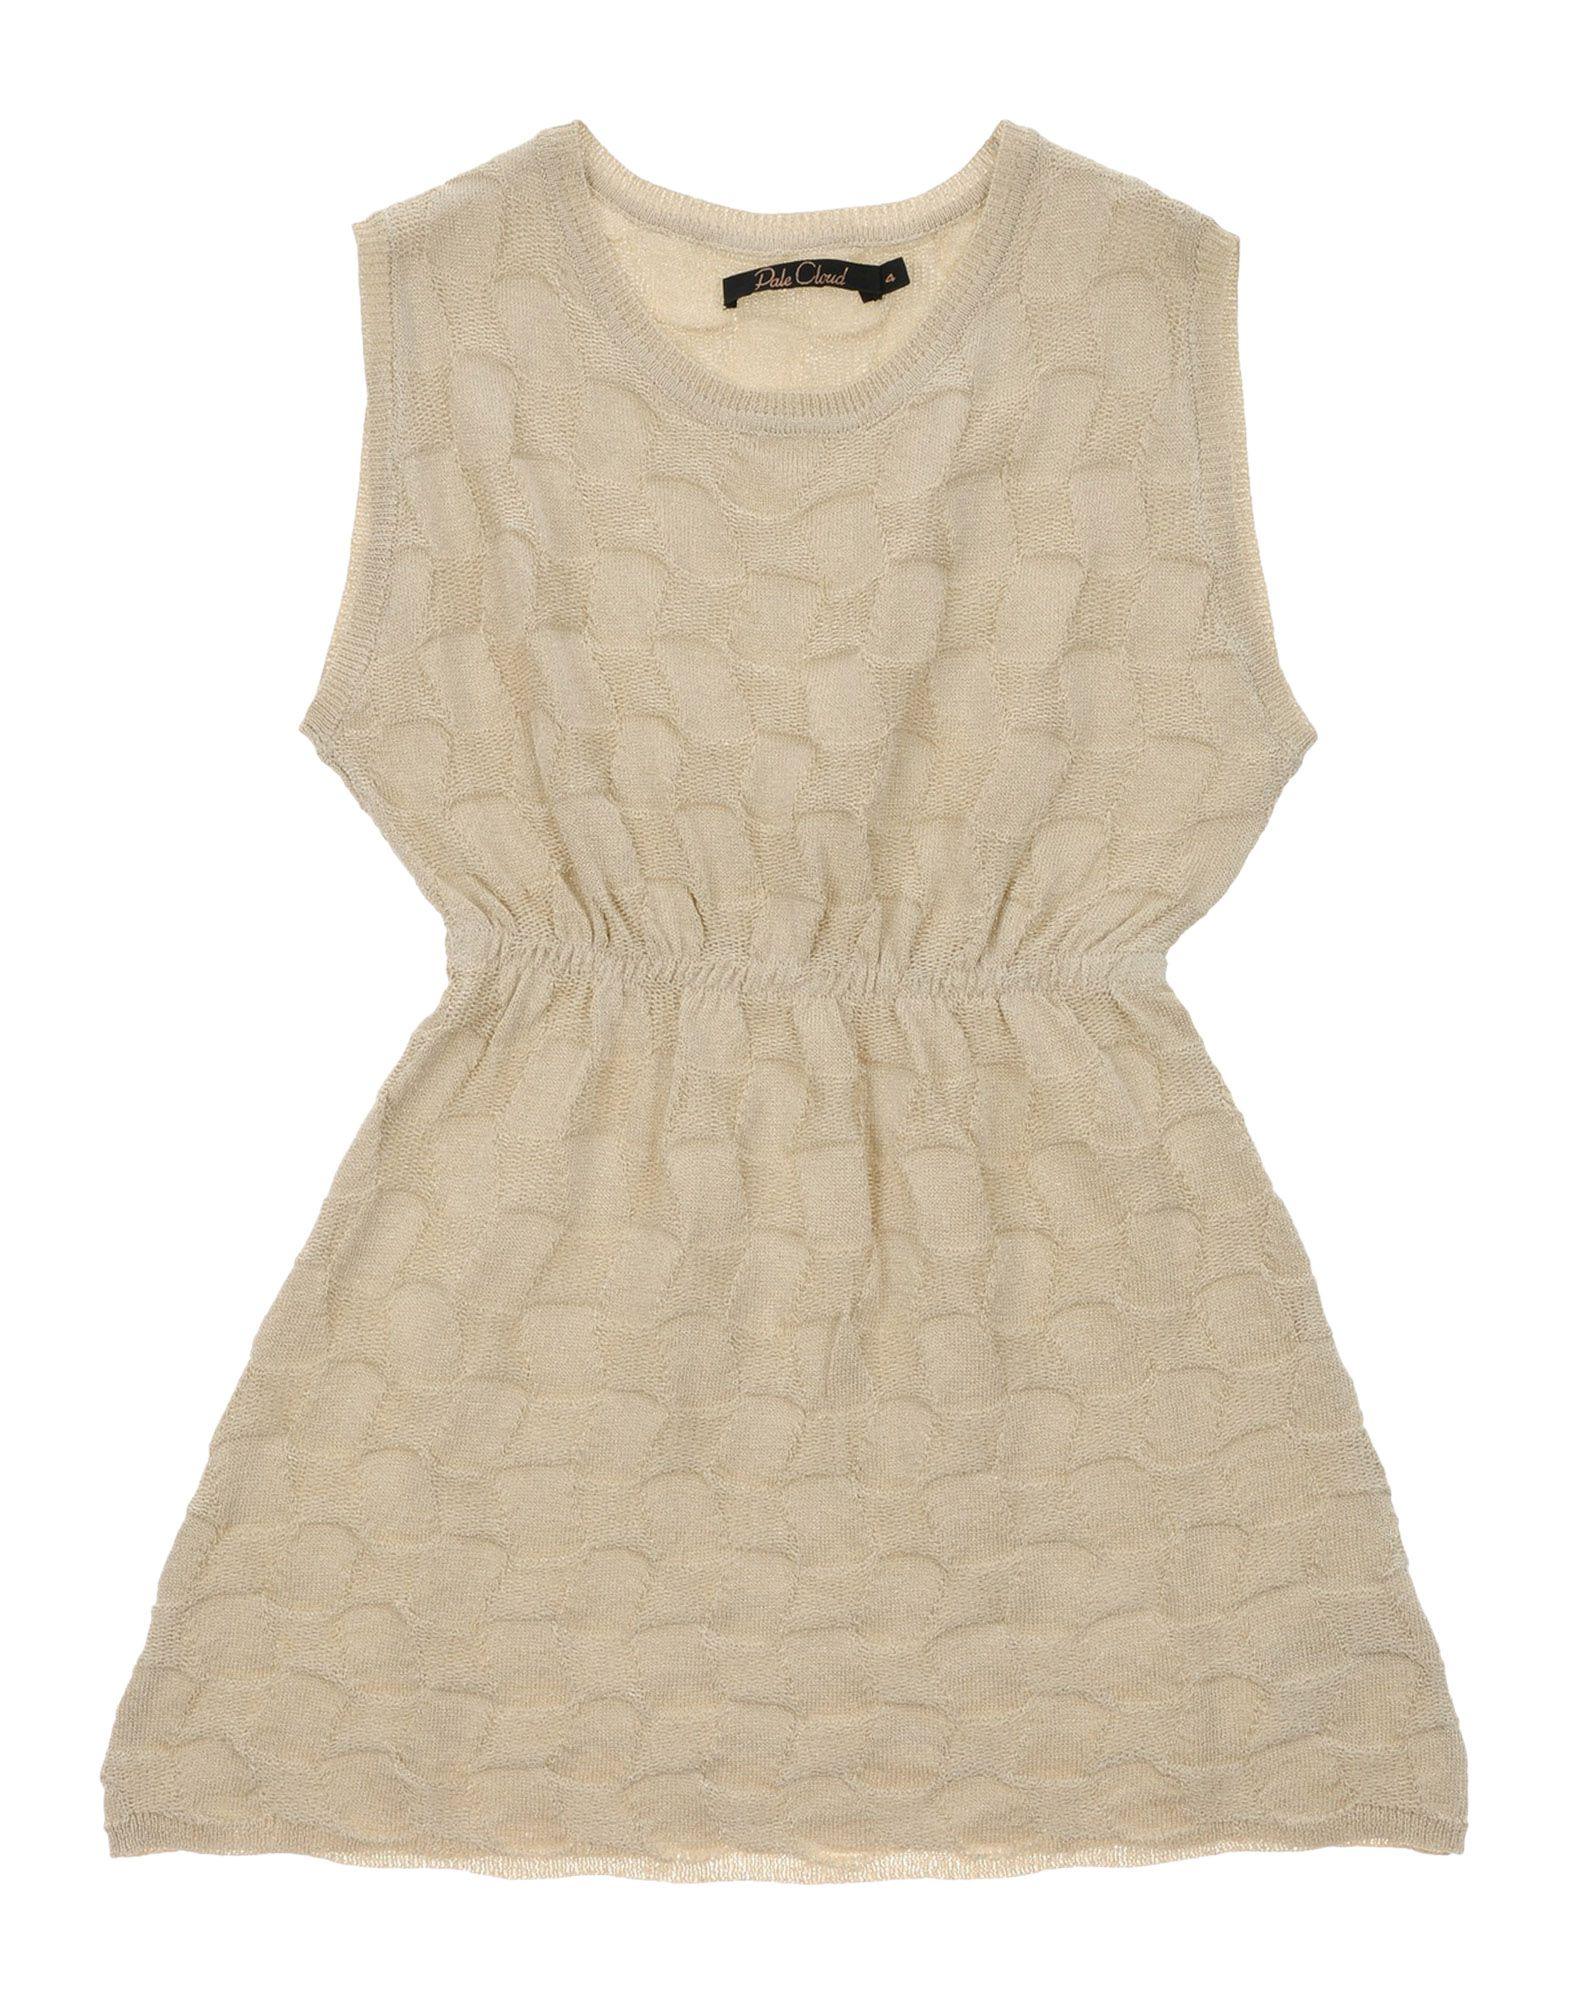 PALE CLOUD Mädchen 3-8 jahre Kleid Farbe Beige Größe 6